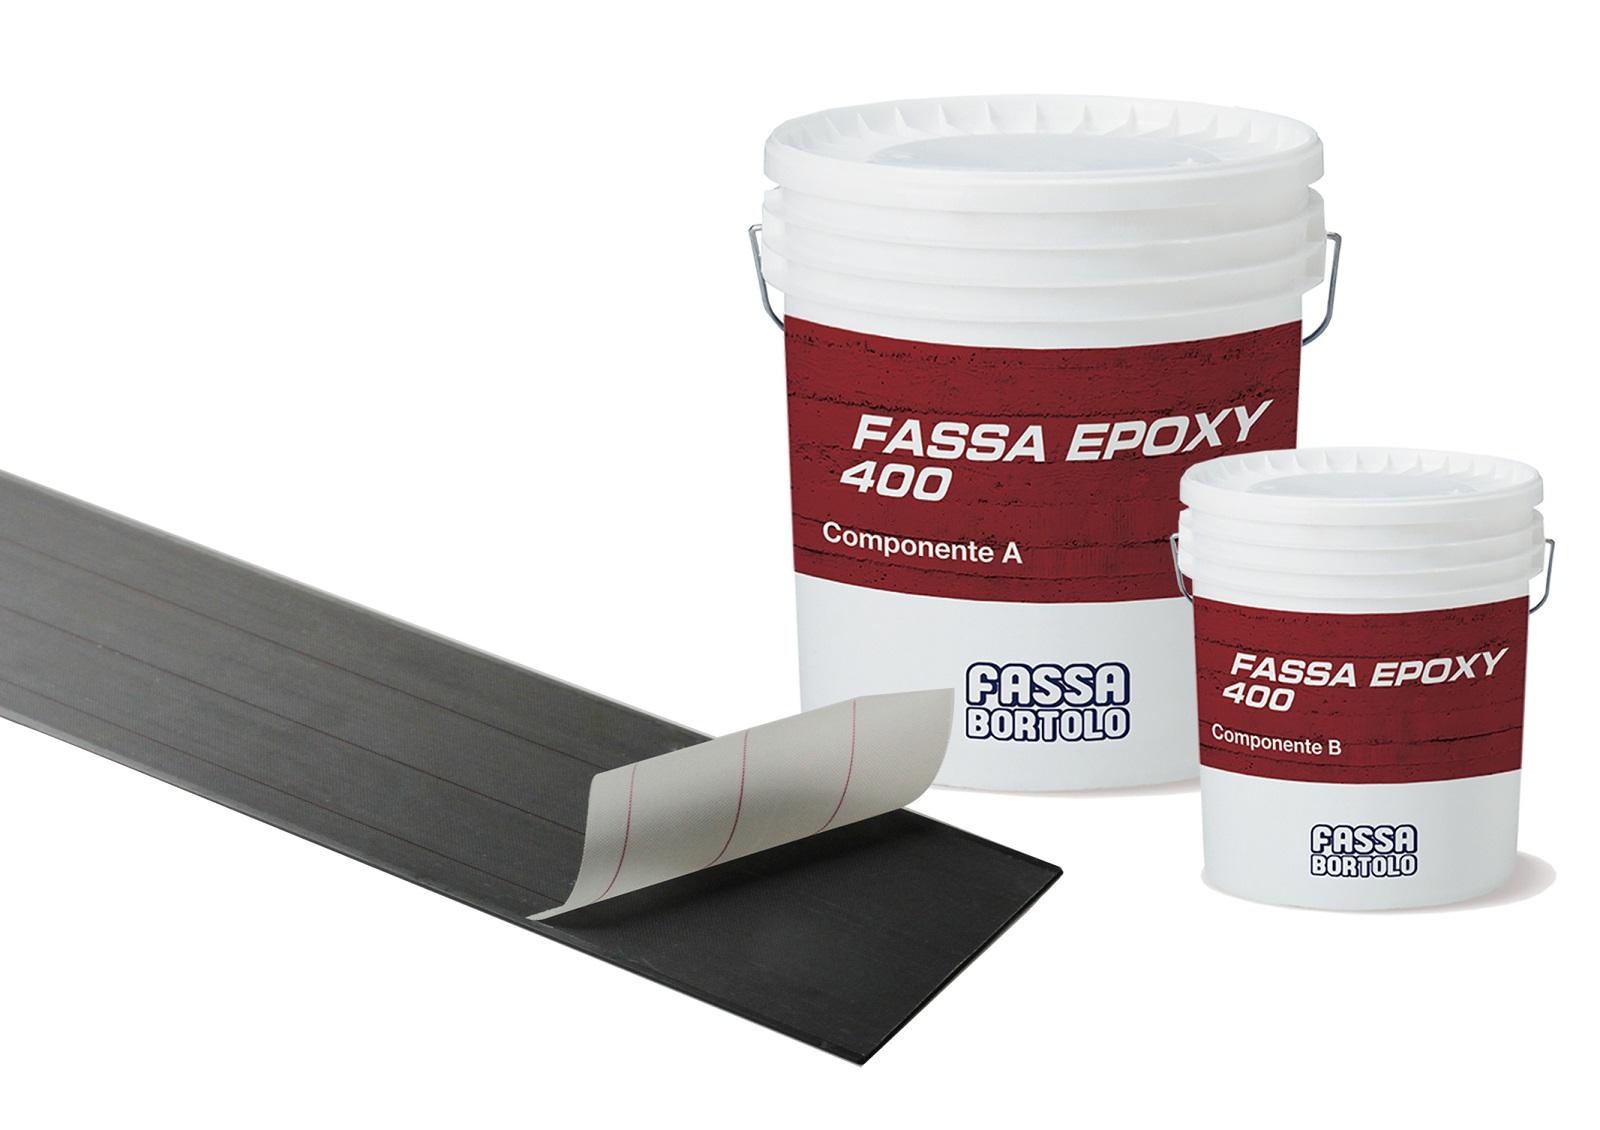 FASSAPLATE CARBON SYSTEM: Sistema di rinforzo strutturale FRP composto da una lamina pultrusa in fibra di carbonio ad aderenza migliorata e da un adesivo epossidico per l'incollaggio